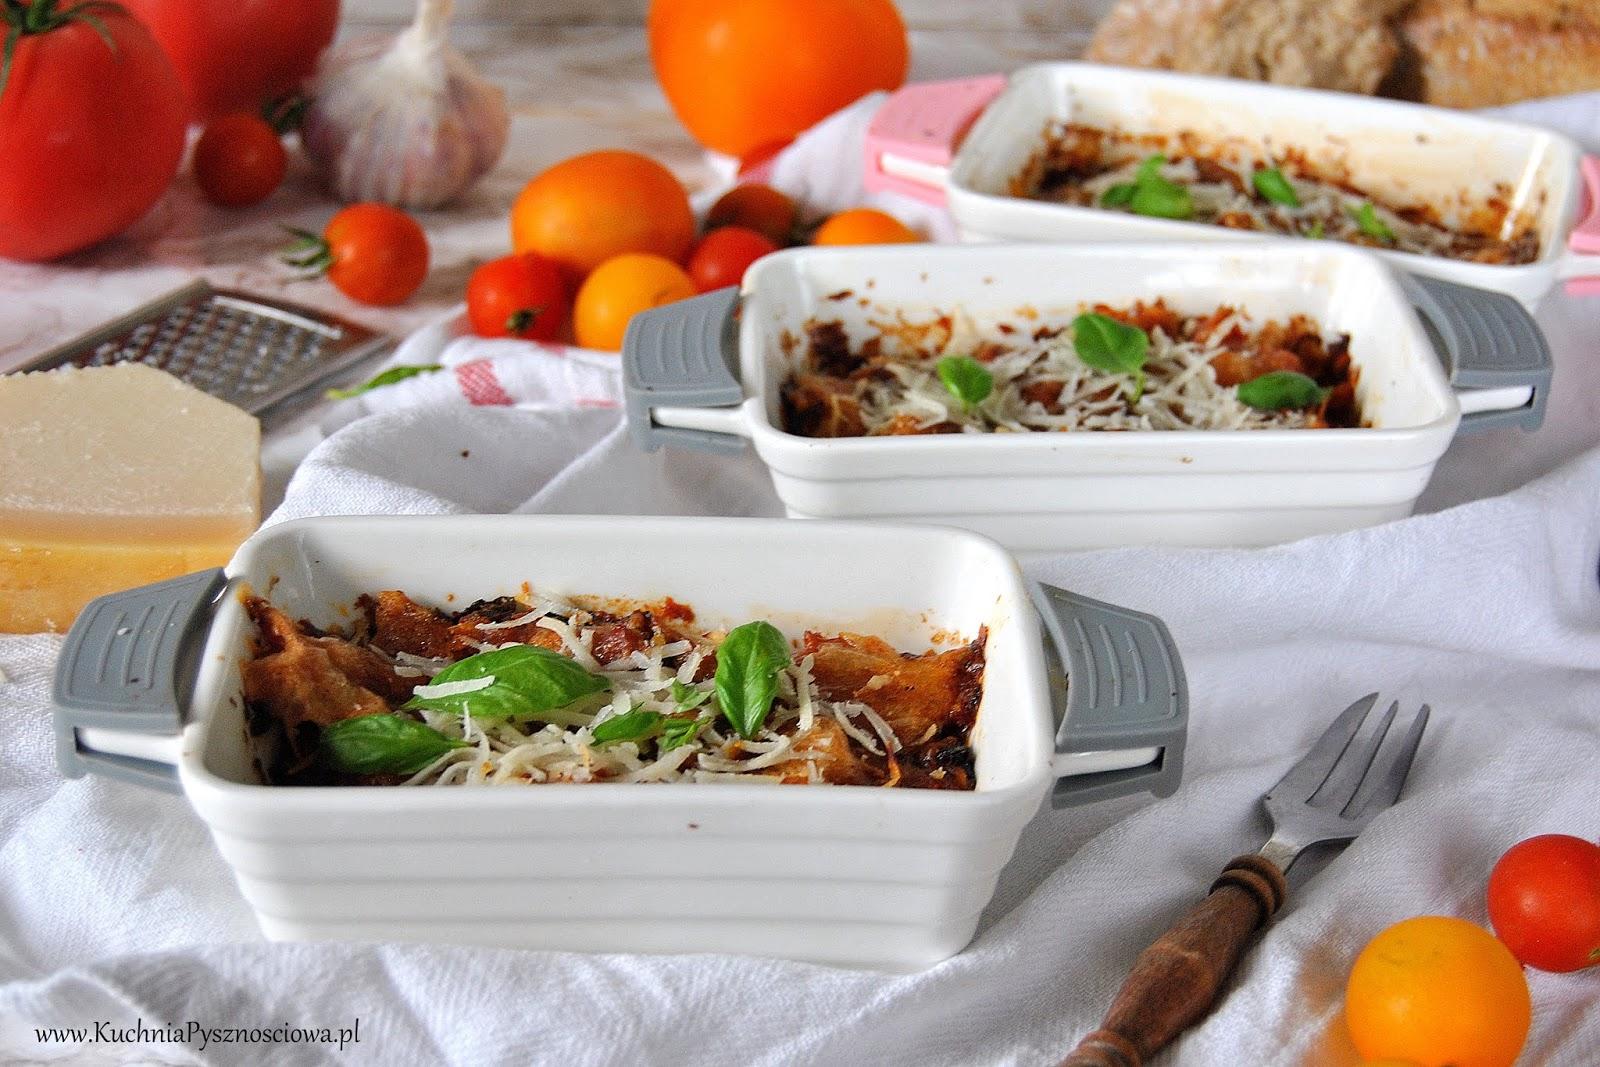 625. Bakłażany zapiekane w pomidorach (parmigiana di melanzane)